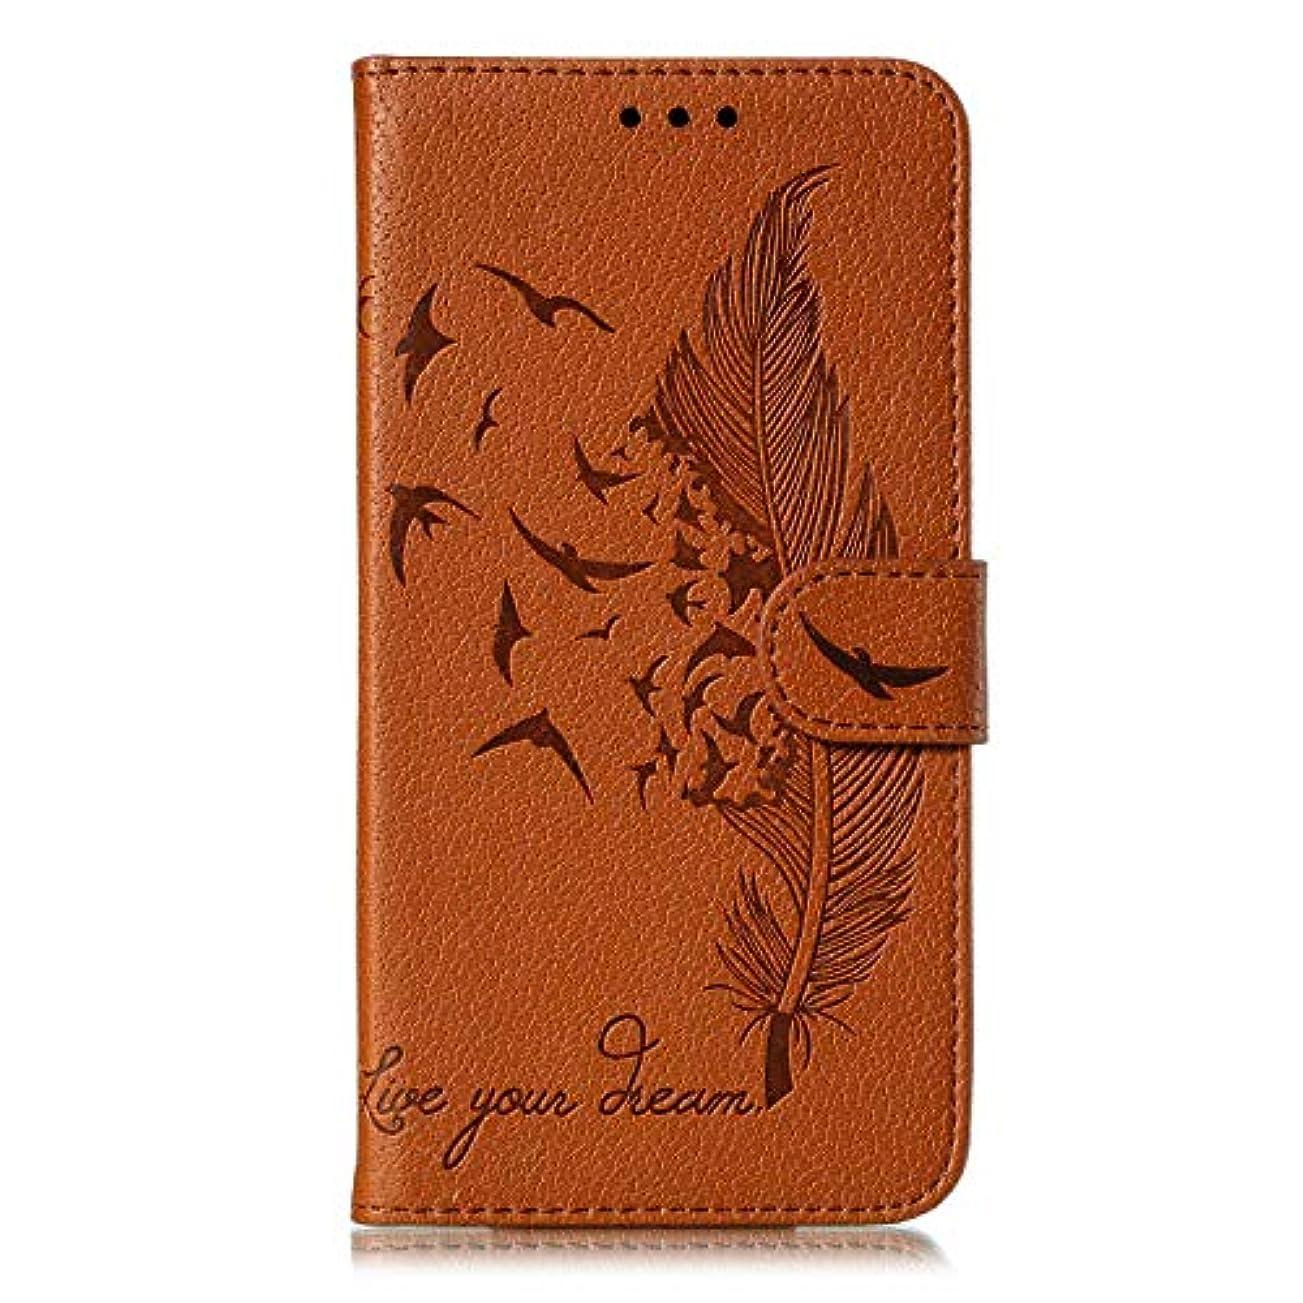 金銭的十分ではない電気技師Xiaomi MI 9 ケース, OMATENTI PUレザー手帳型 ケース, 薄型 財布押し花 フェザー柄 スマホケース, マグネット開閉式 スタンド機能 カード収納 付き人気 新品, 褐色